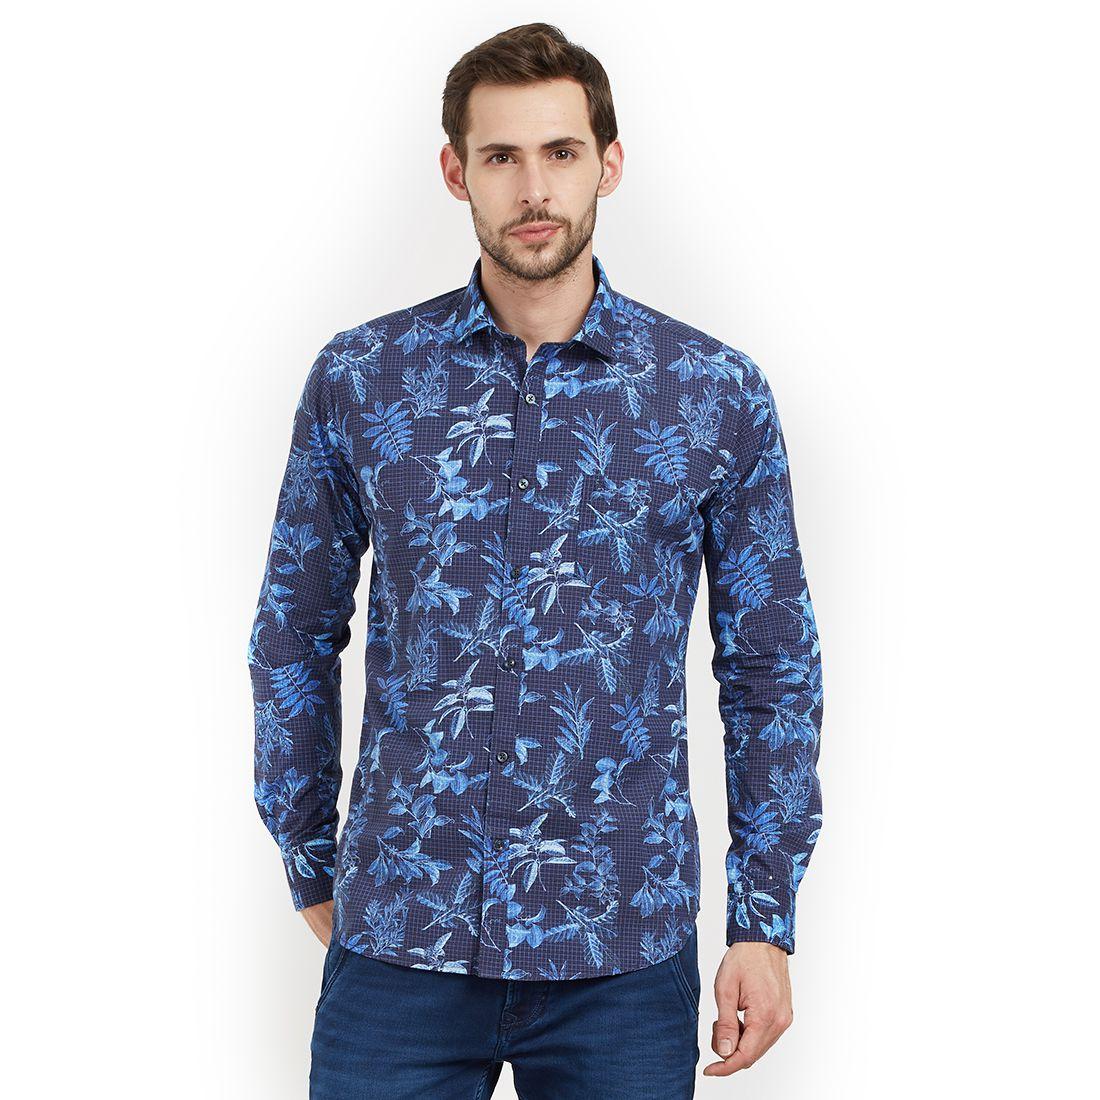 EASIES by KILLER Blue Slim Fit Shirt